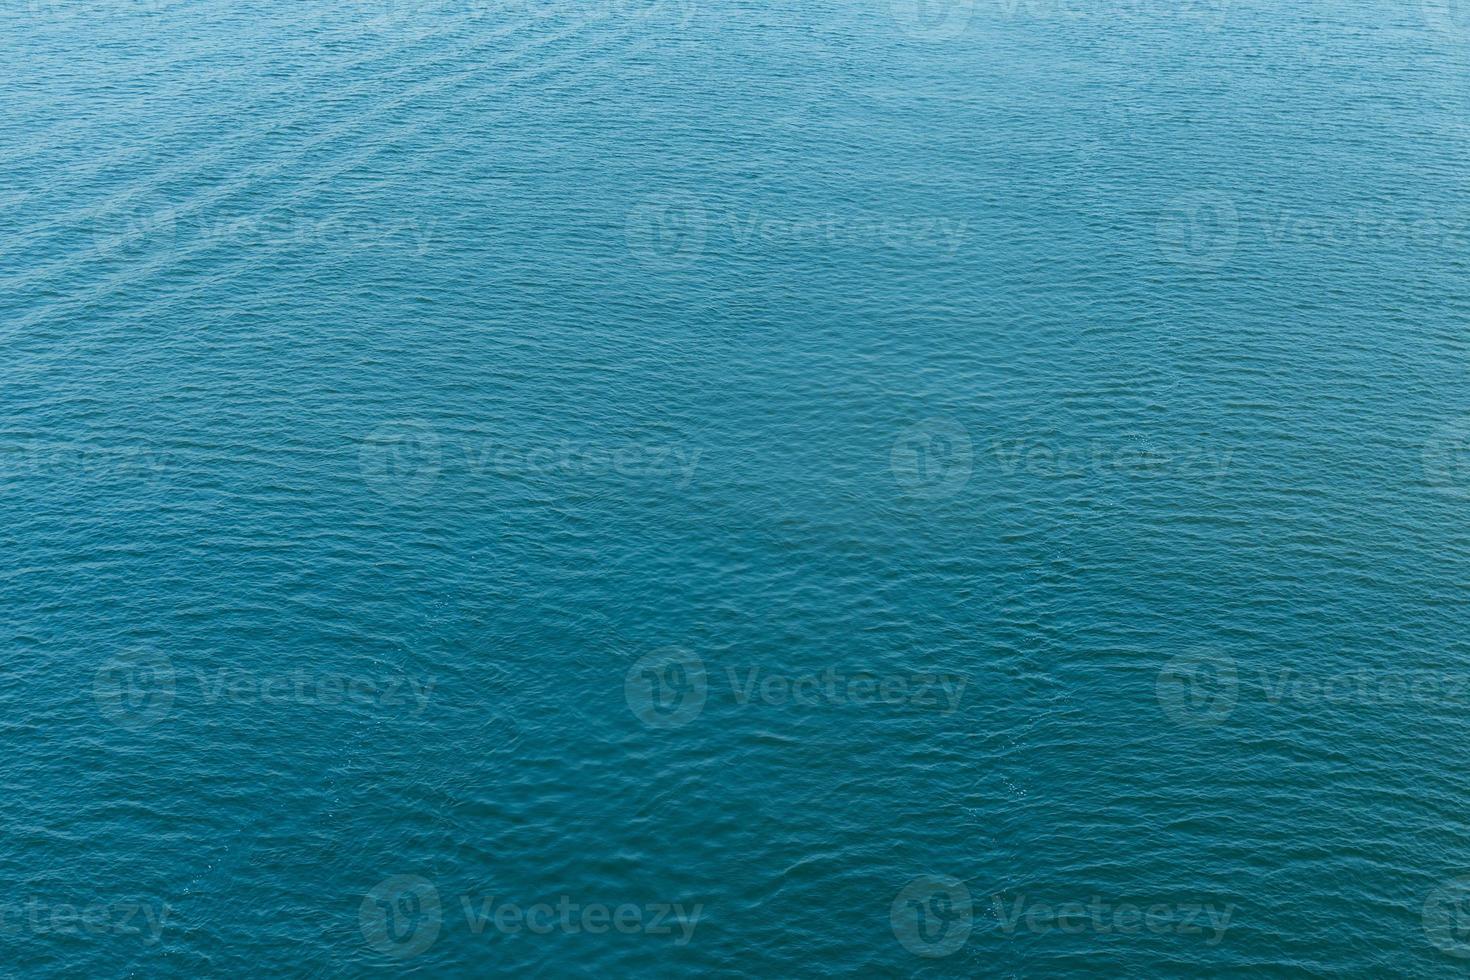 ondulazione sulla superficie dell'acqua foto